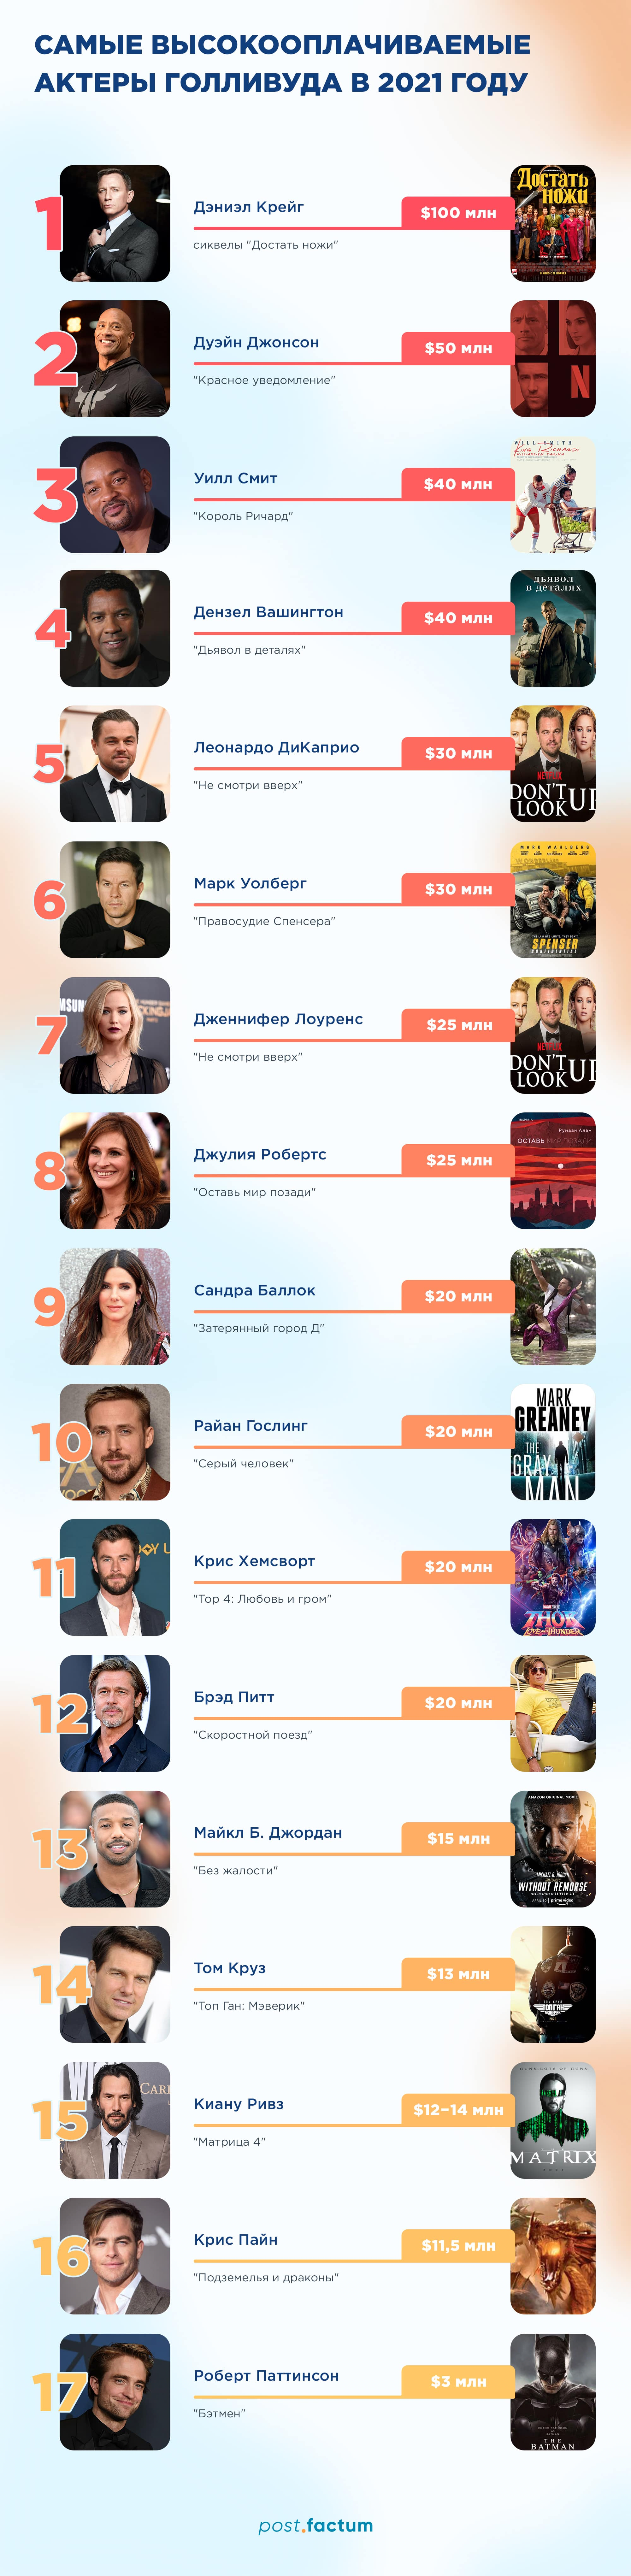 Инфографика: самые дорогие голливудские актеры — фото 1